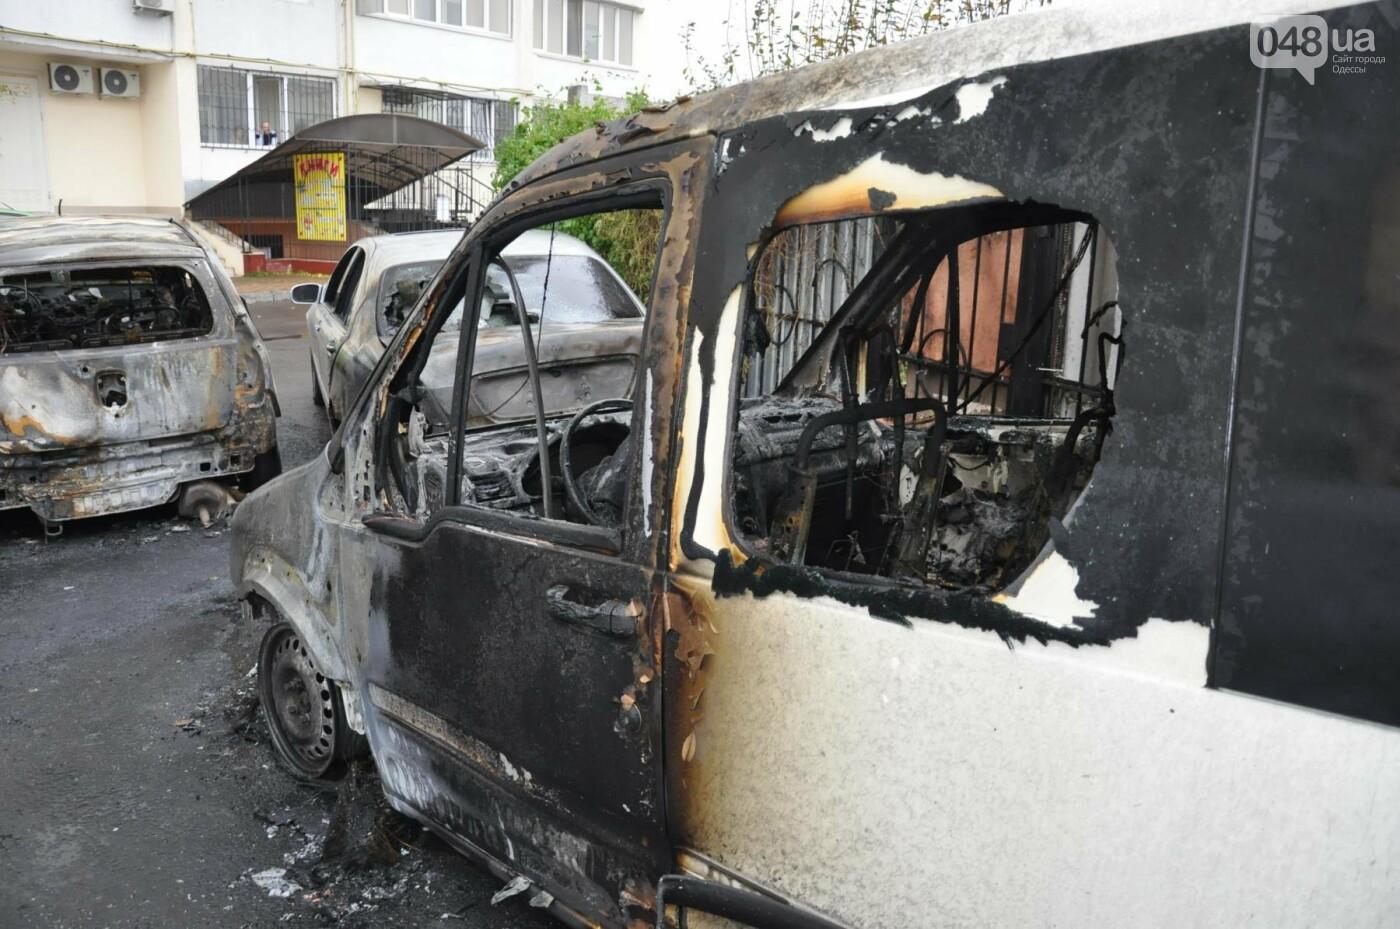 Последствия пожара на Рекордной в Одессе (ФОТО), фото-7